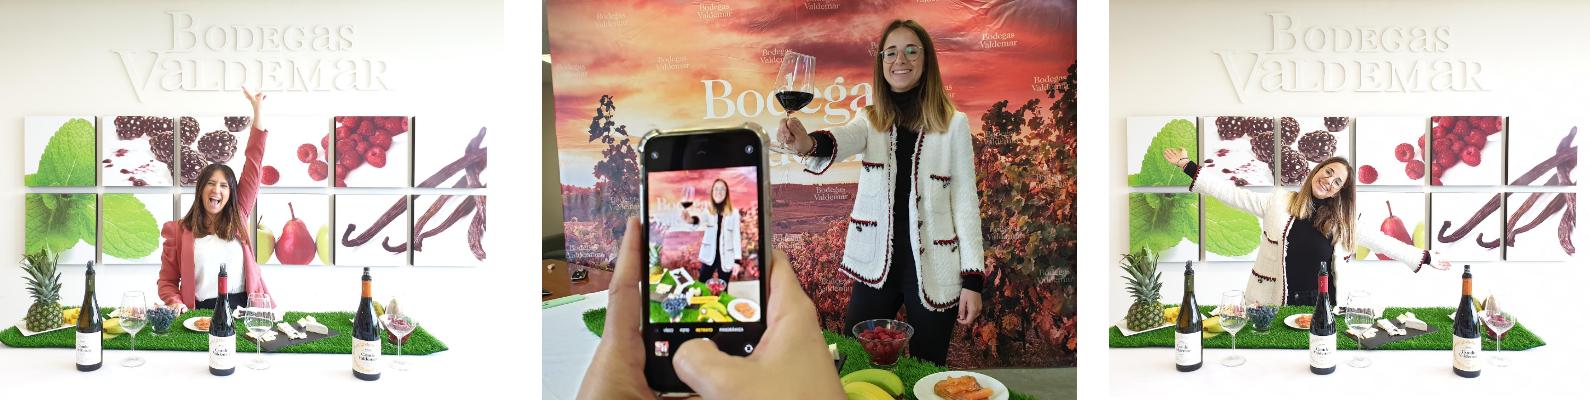 mujer animando una cata virtual